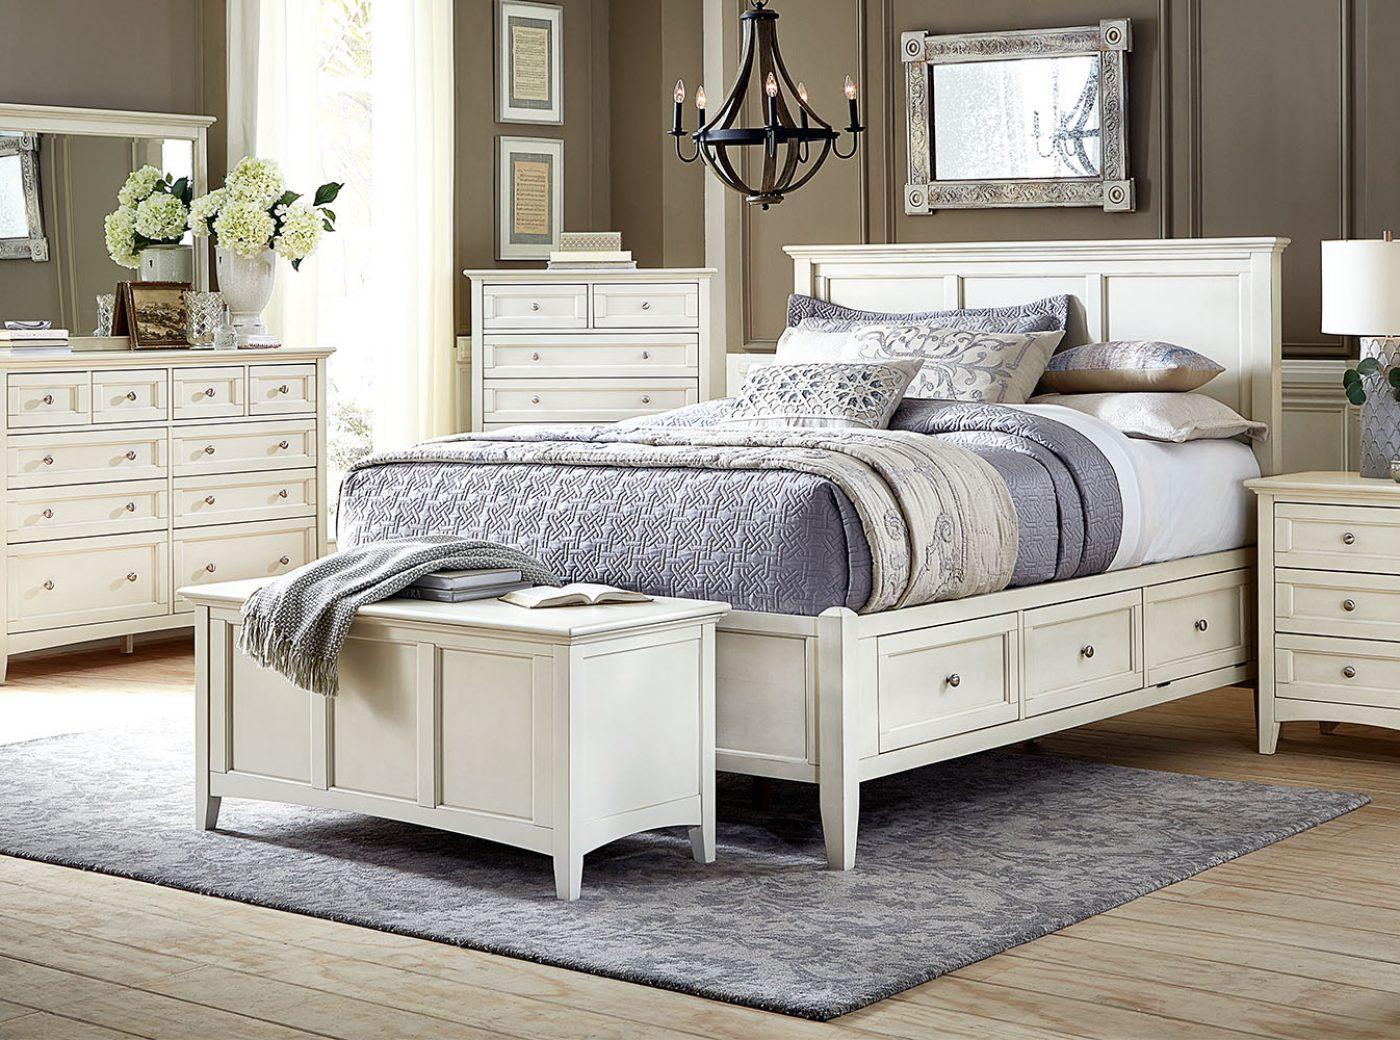 Northlake – A-America Wood Furniture